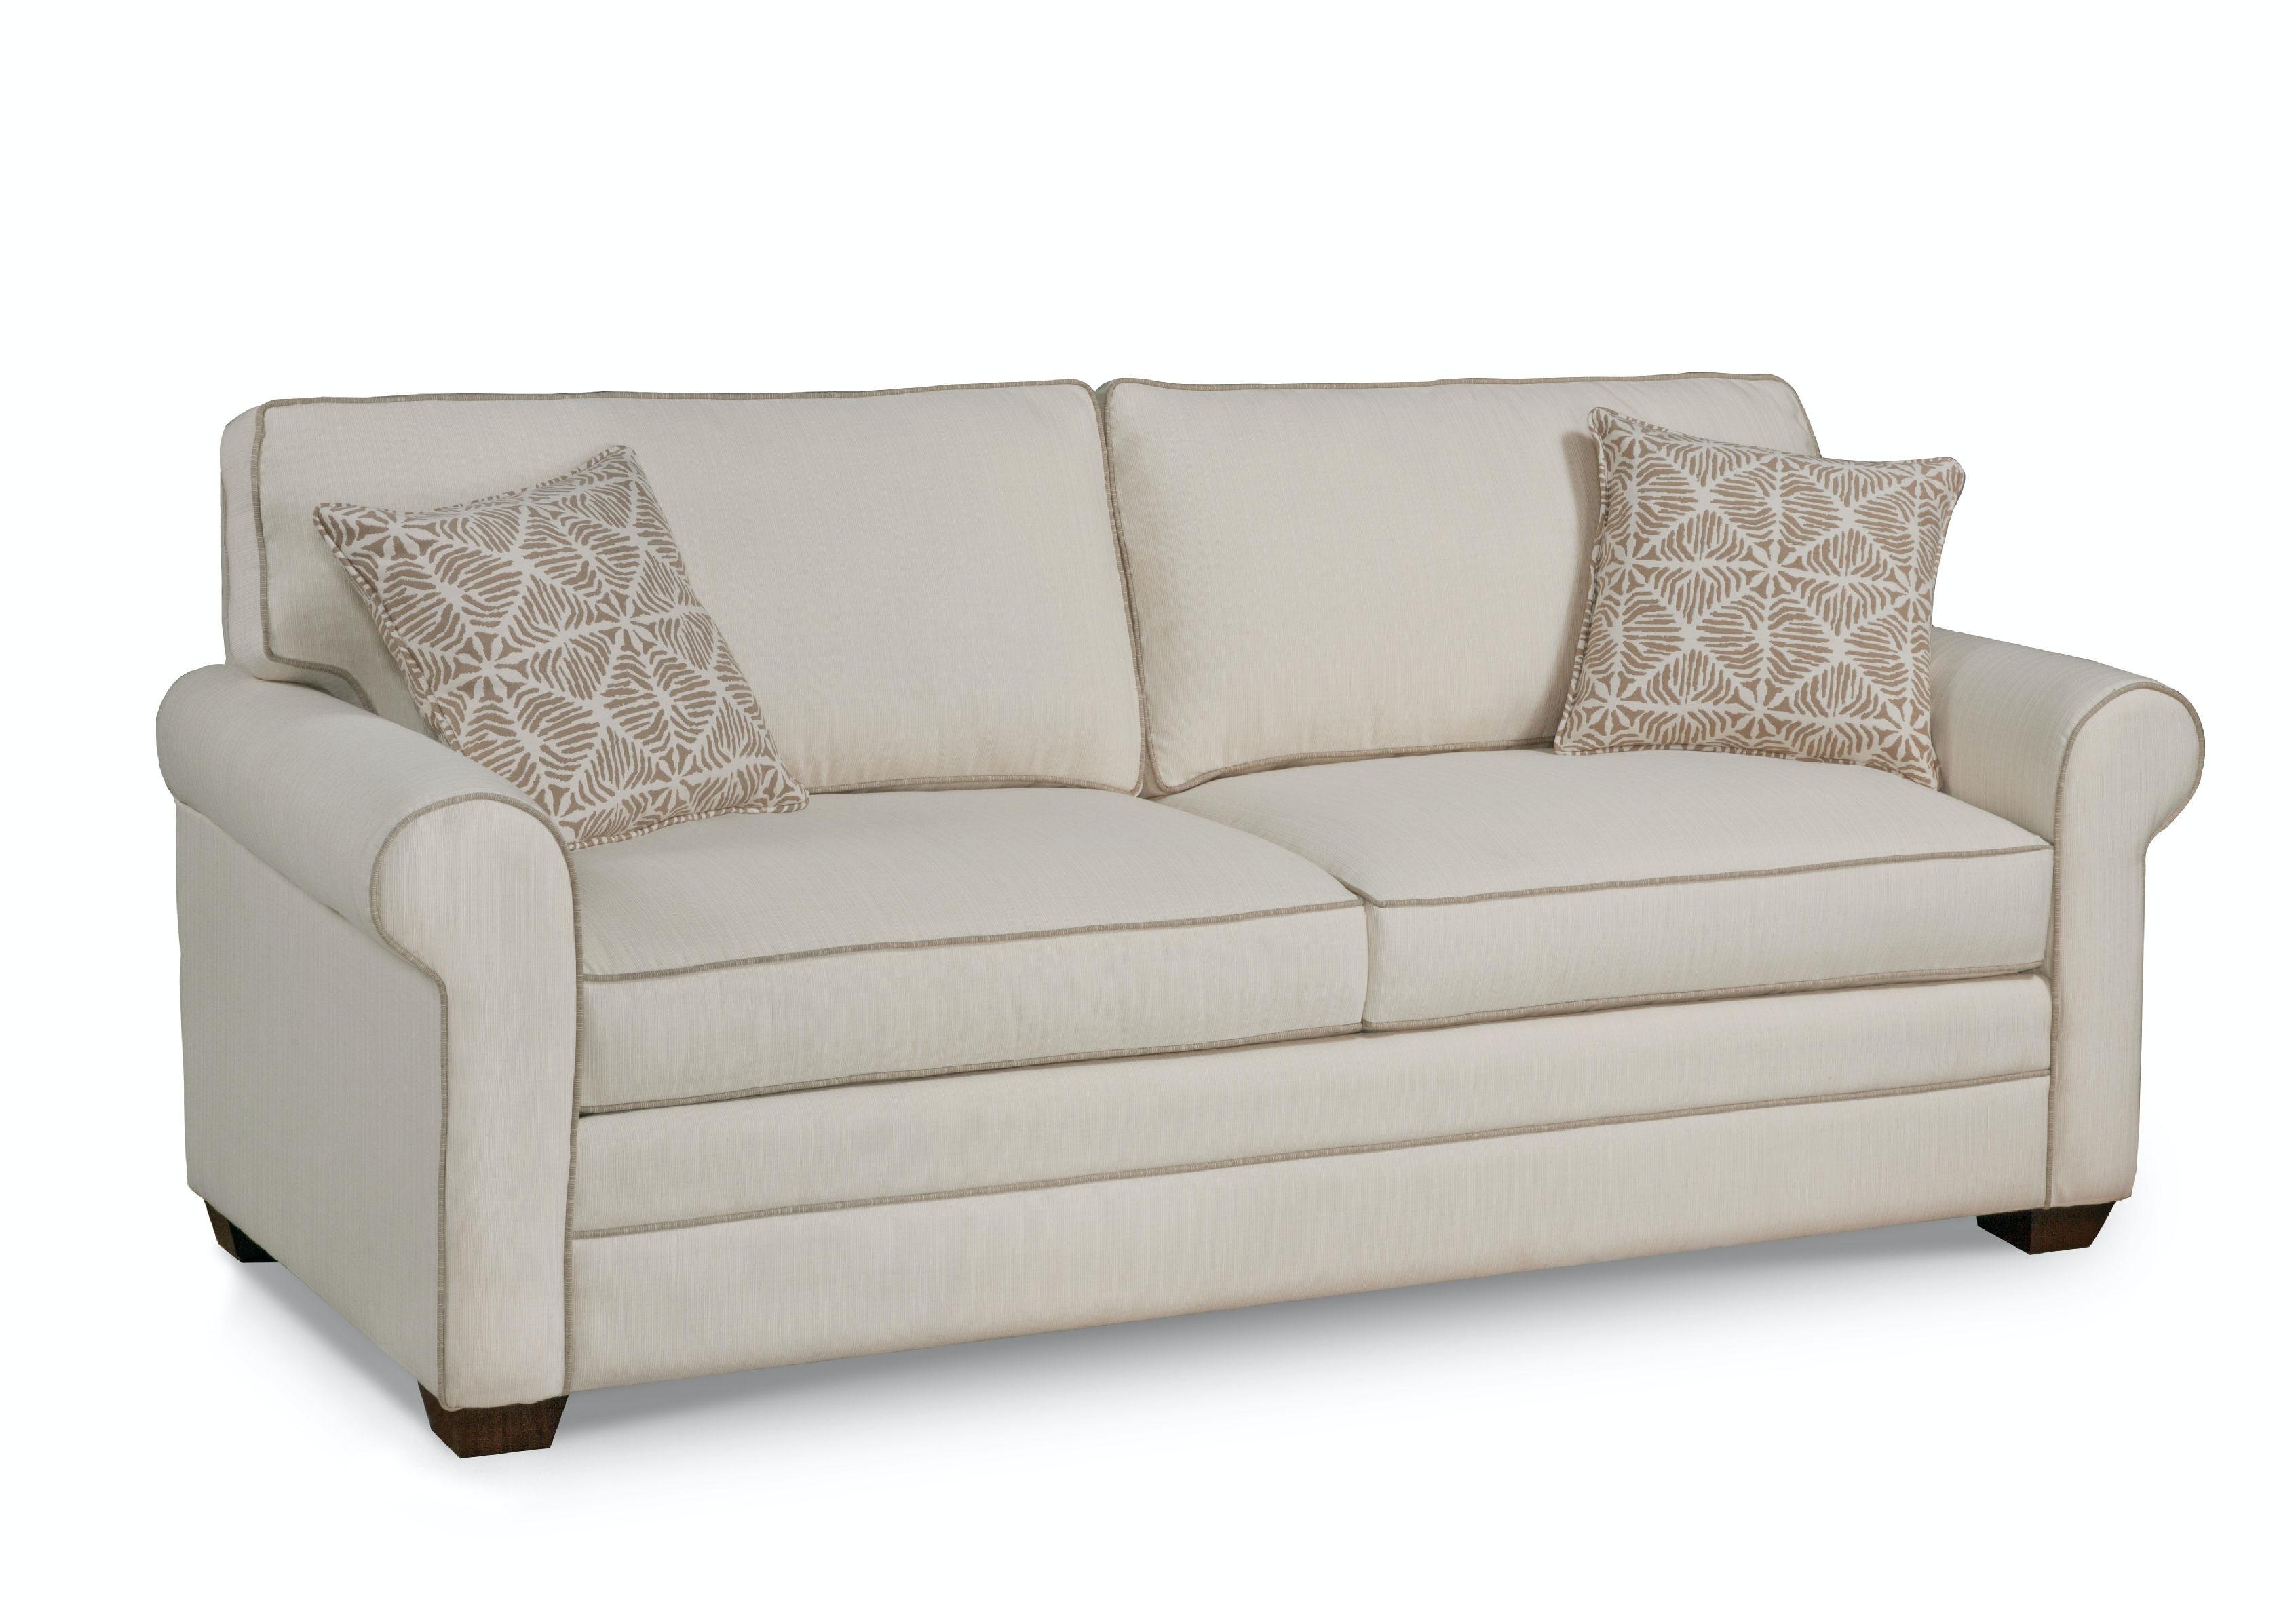 Braxton Culler Living Room Loft Sofa 728 010 Custom Home